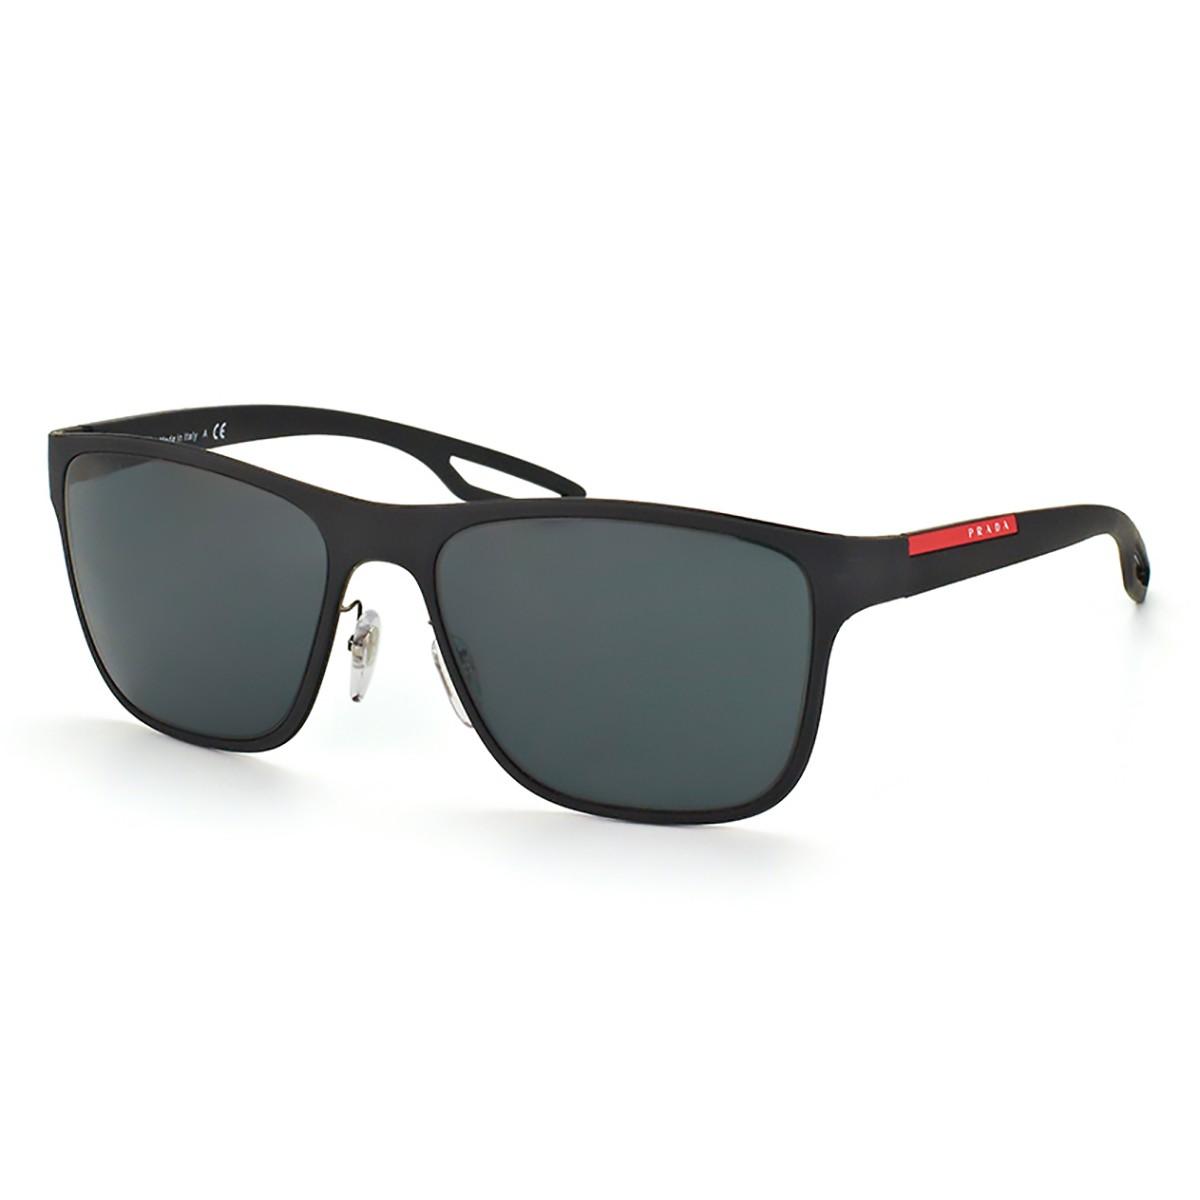 ed48291dcf554 Compre Óculos de Sol Prada em 10X